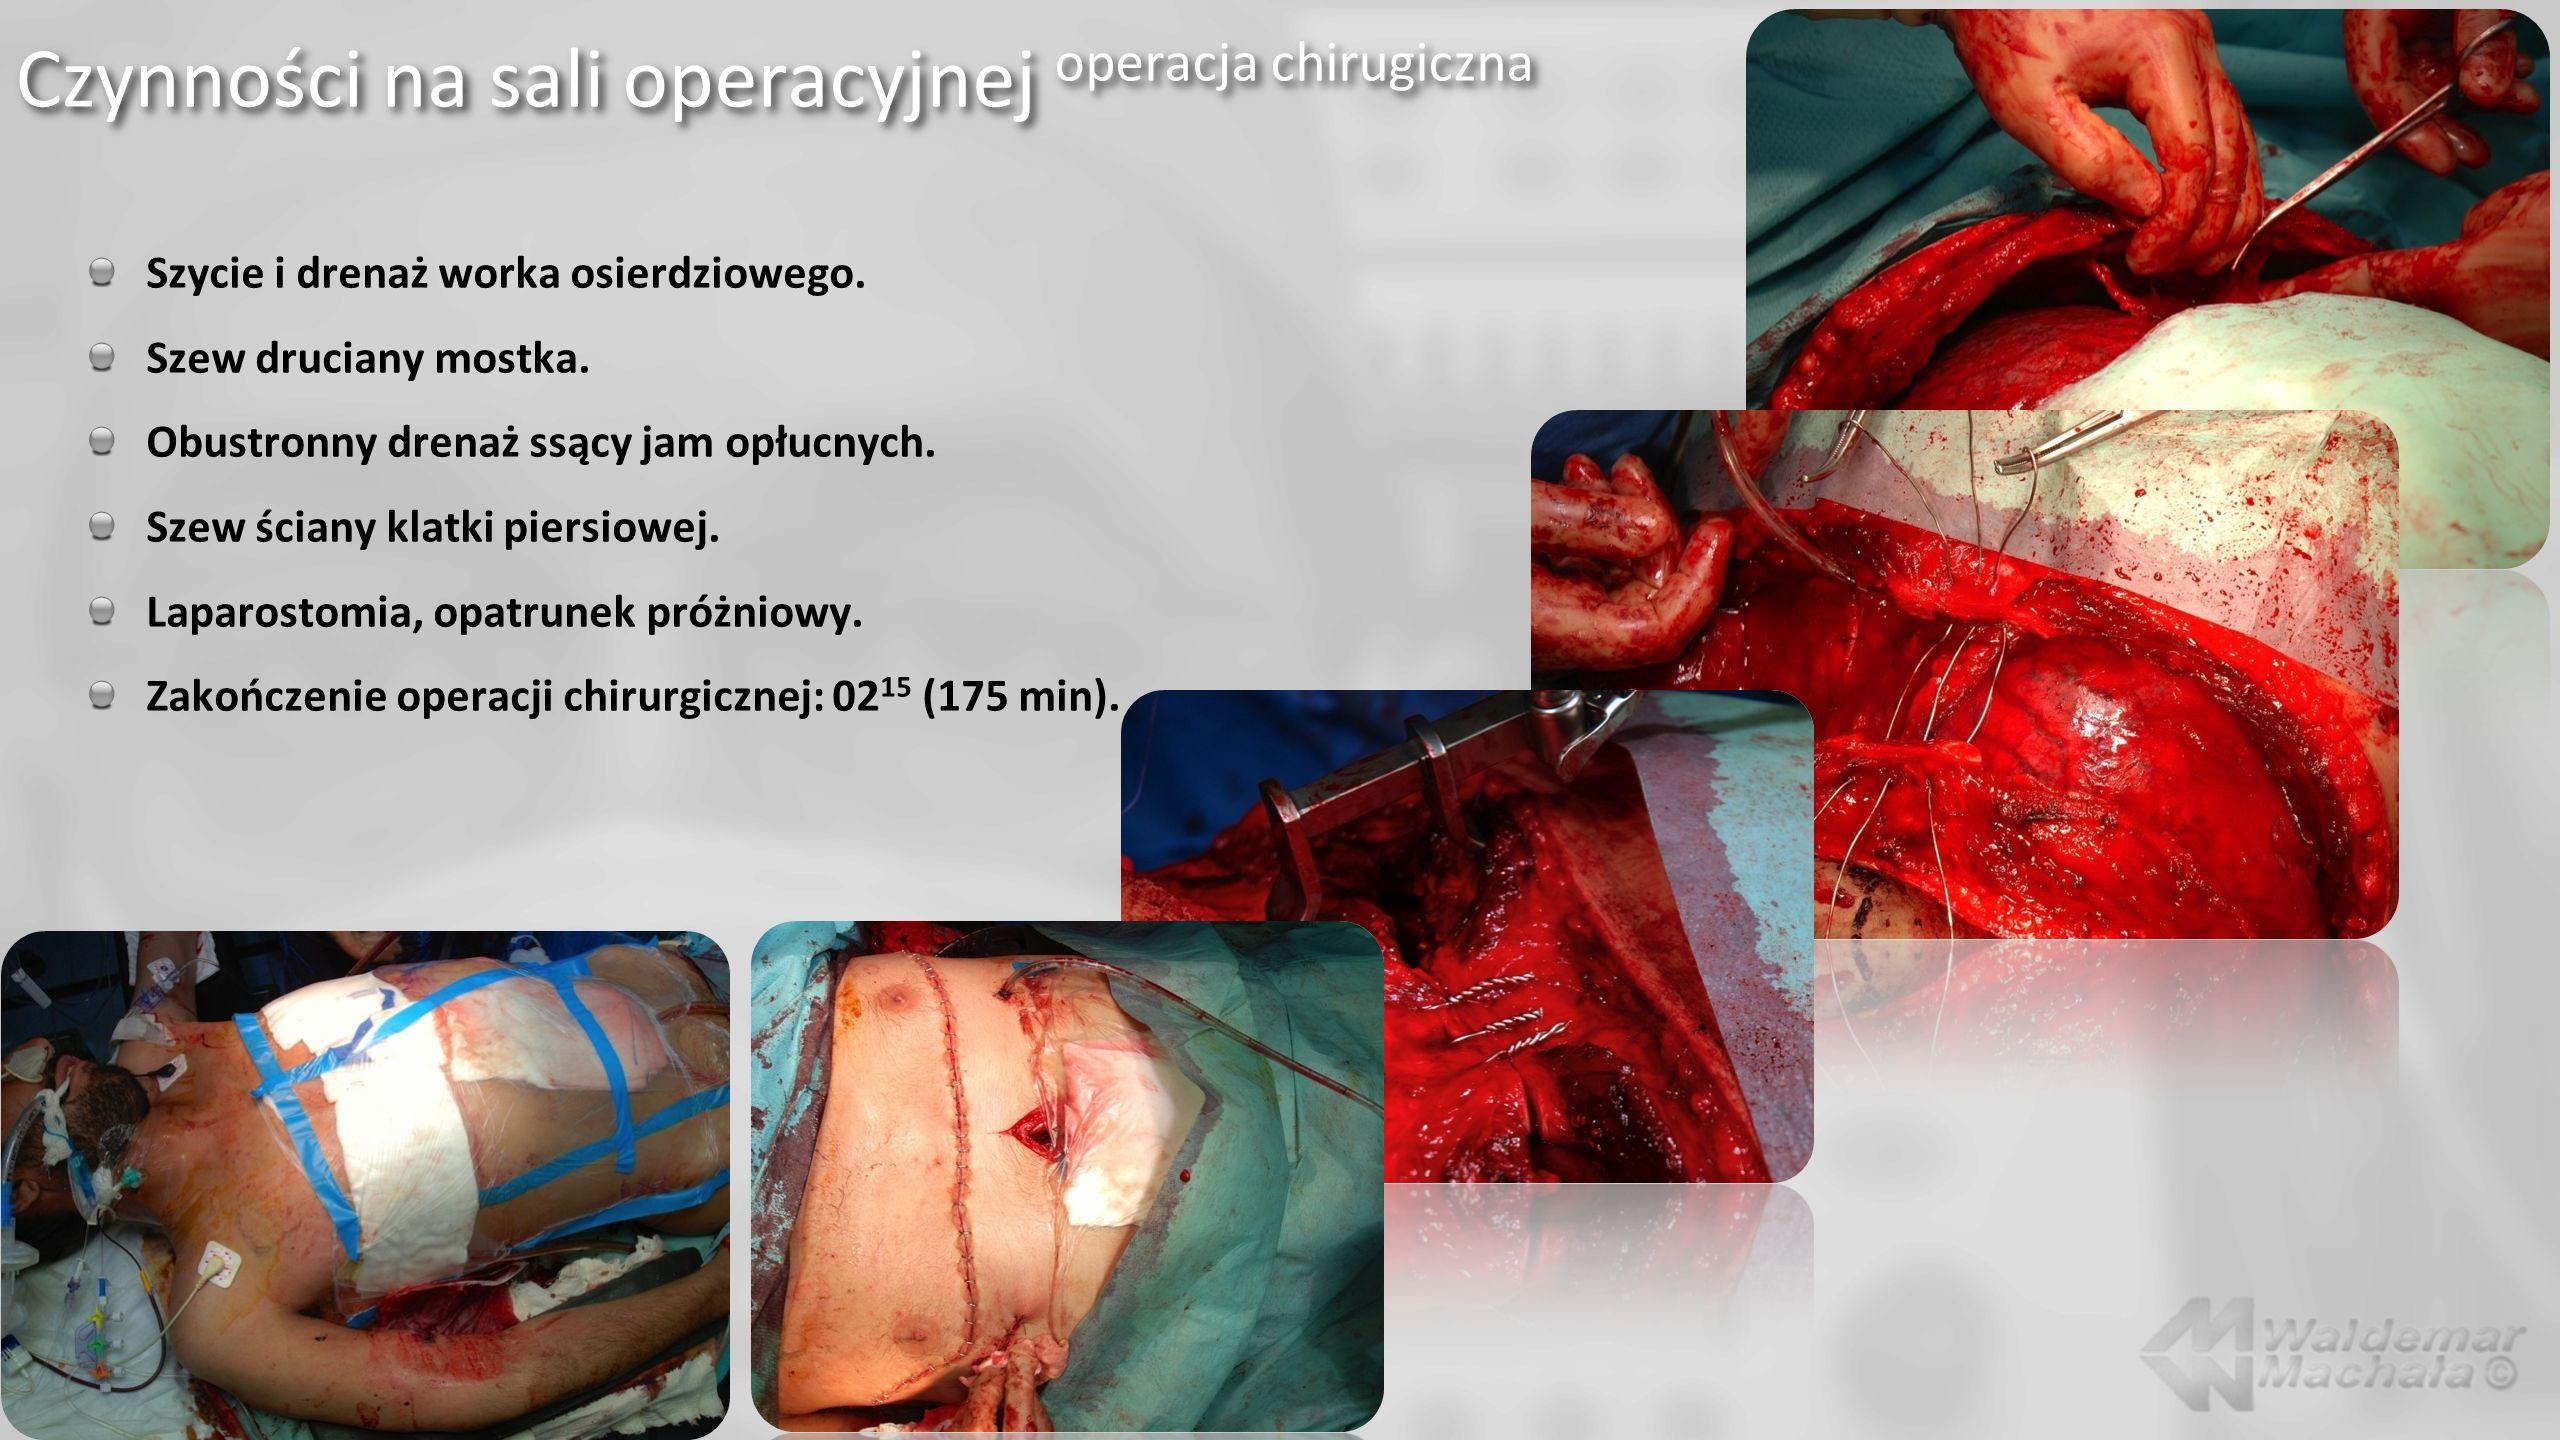 Czynności na sali operacyjnej operacja chirugiczna